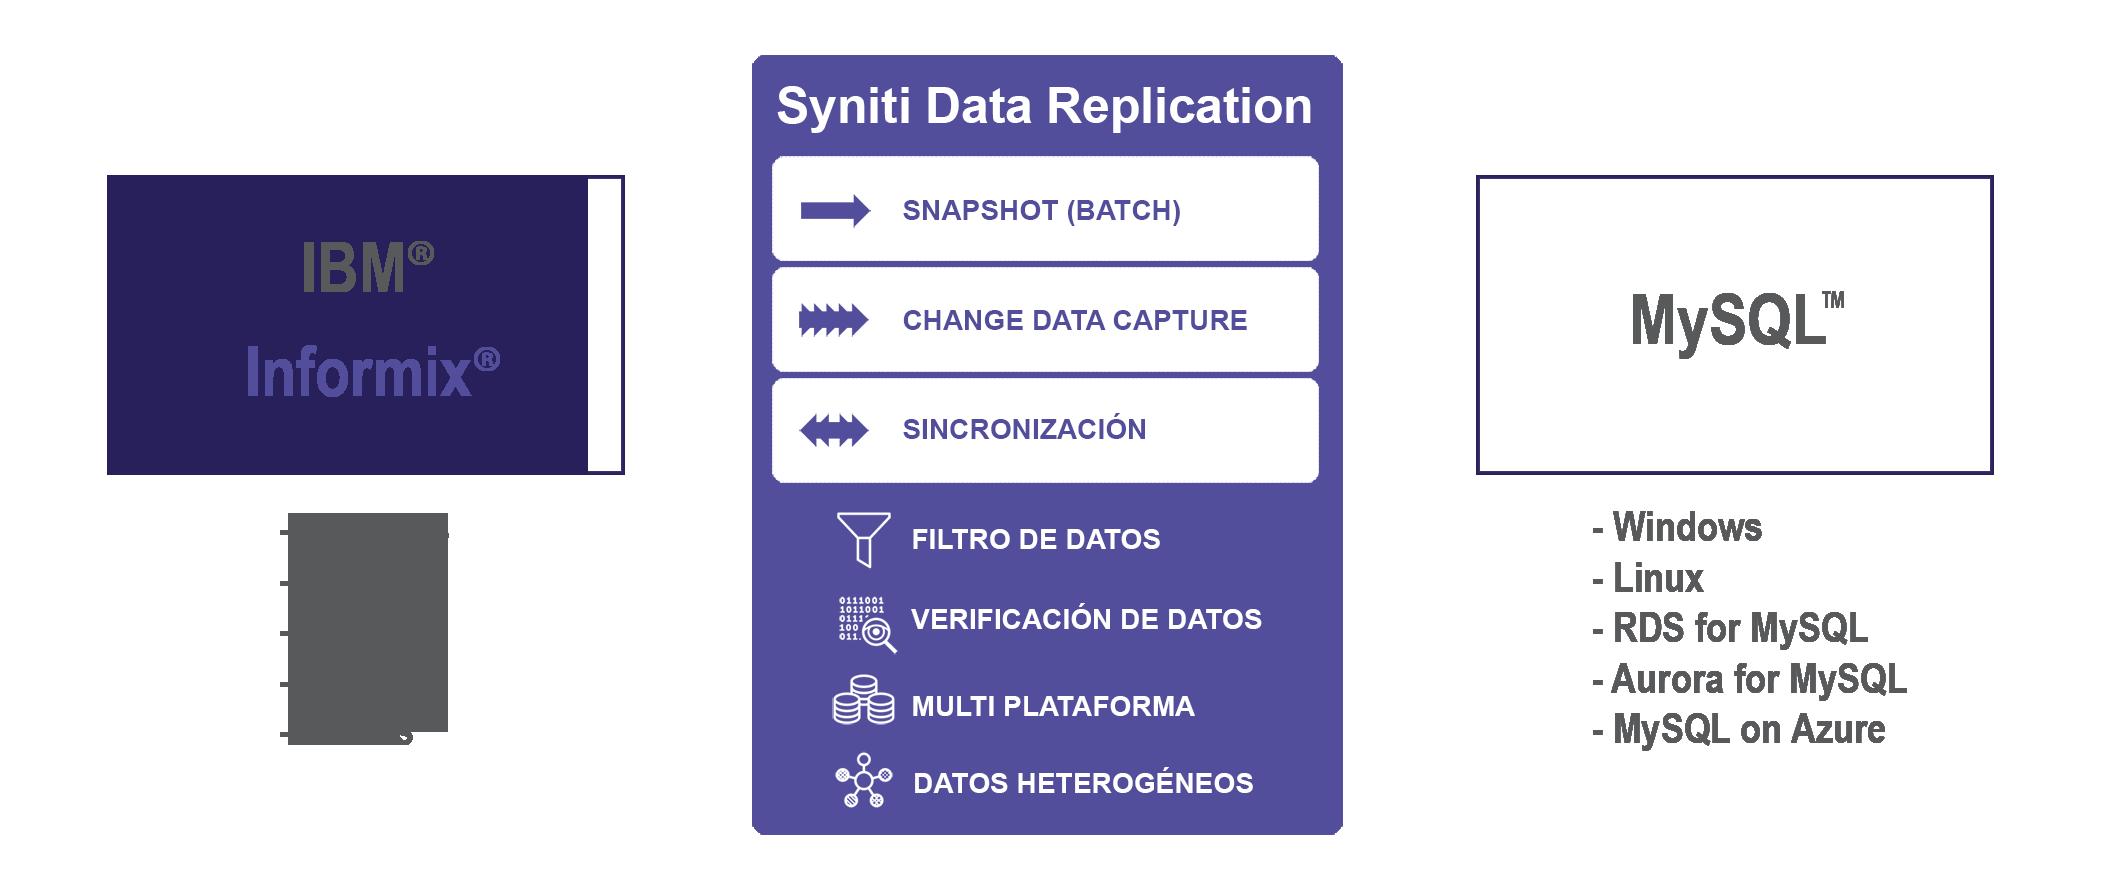 Replicación de datos Informix a MySQL en tiempo real